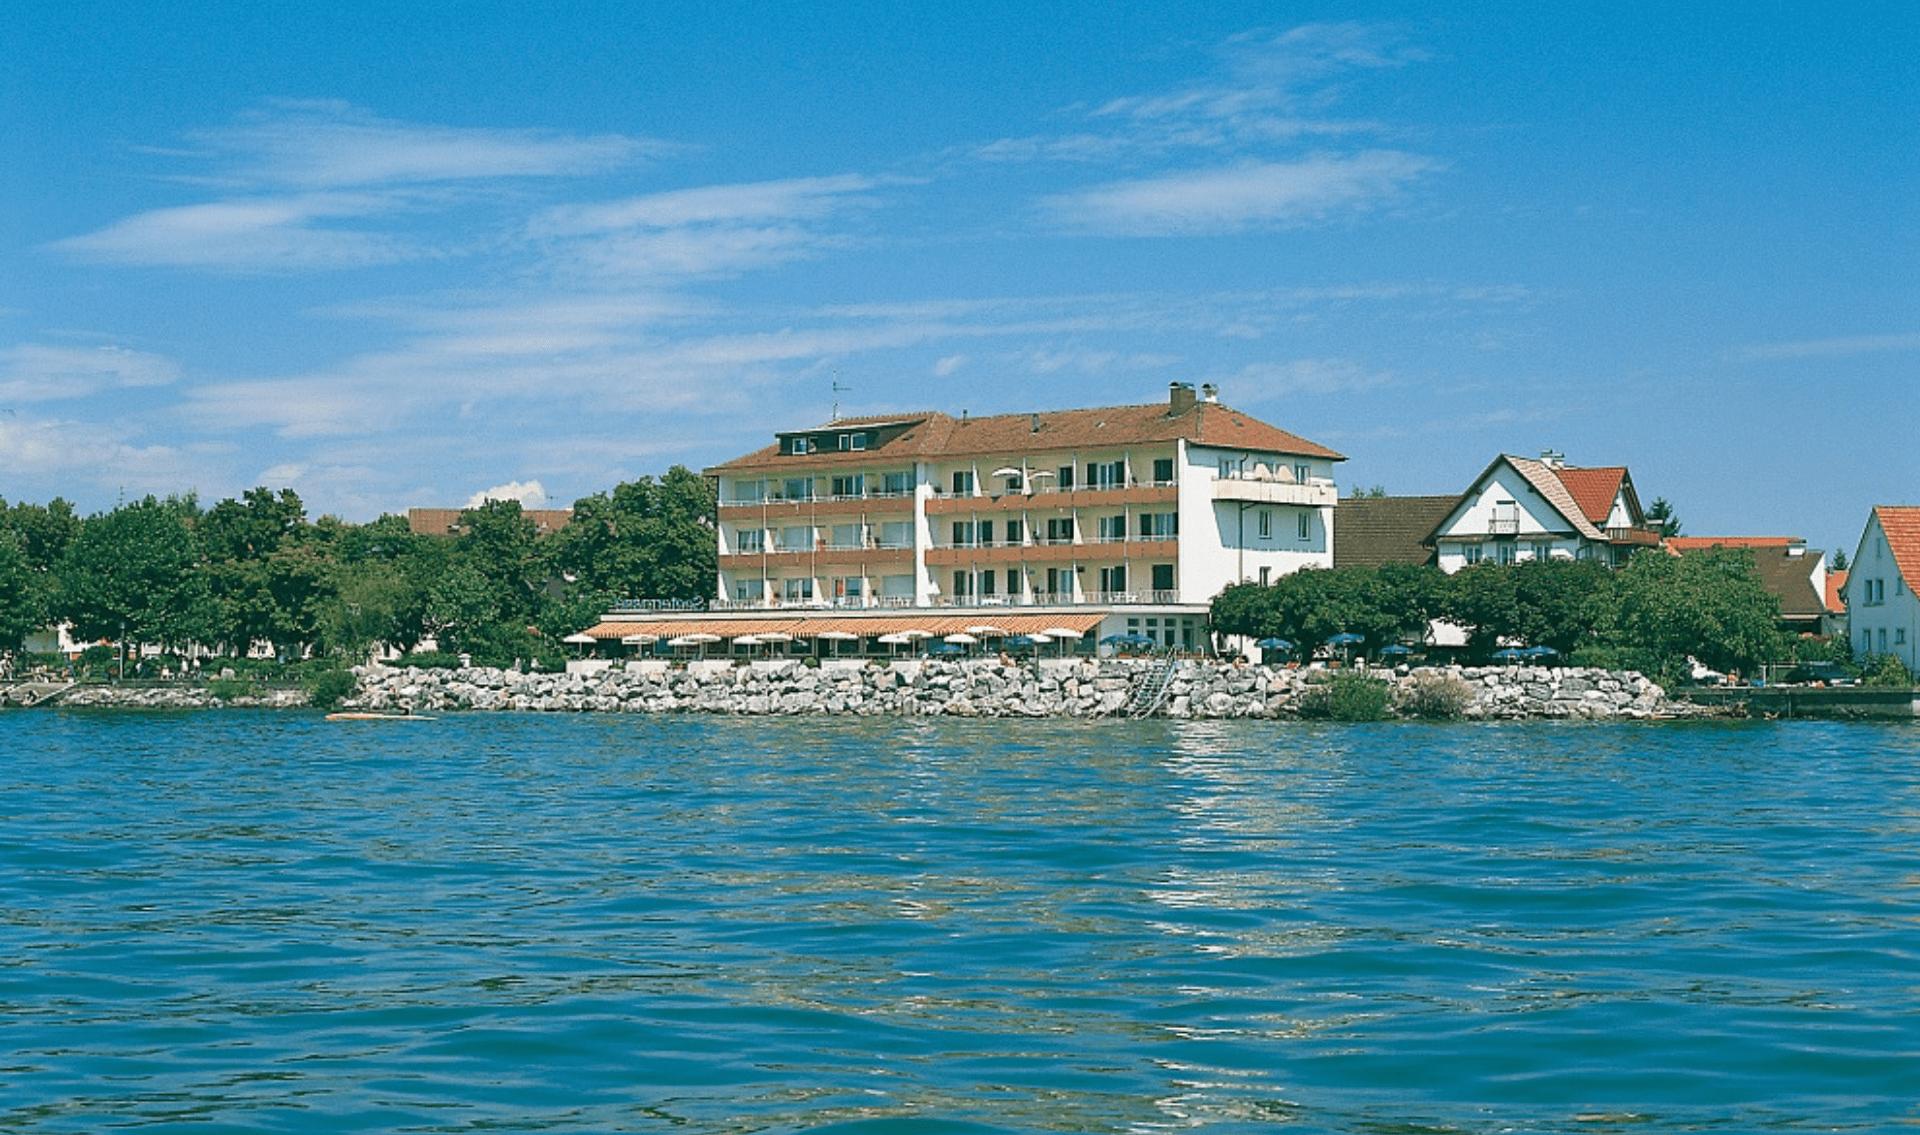 Fietsvakantie Bodensee, 1 hotel (Langenargen)